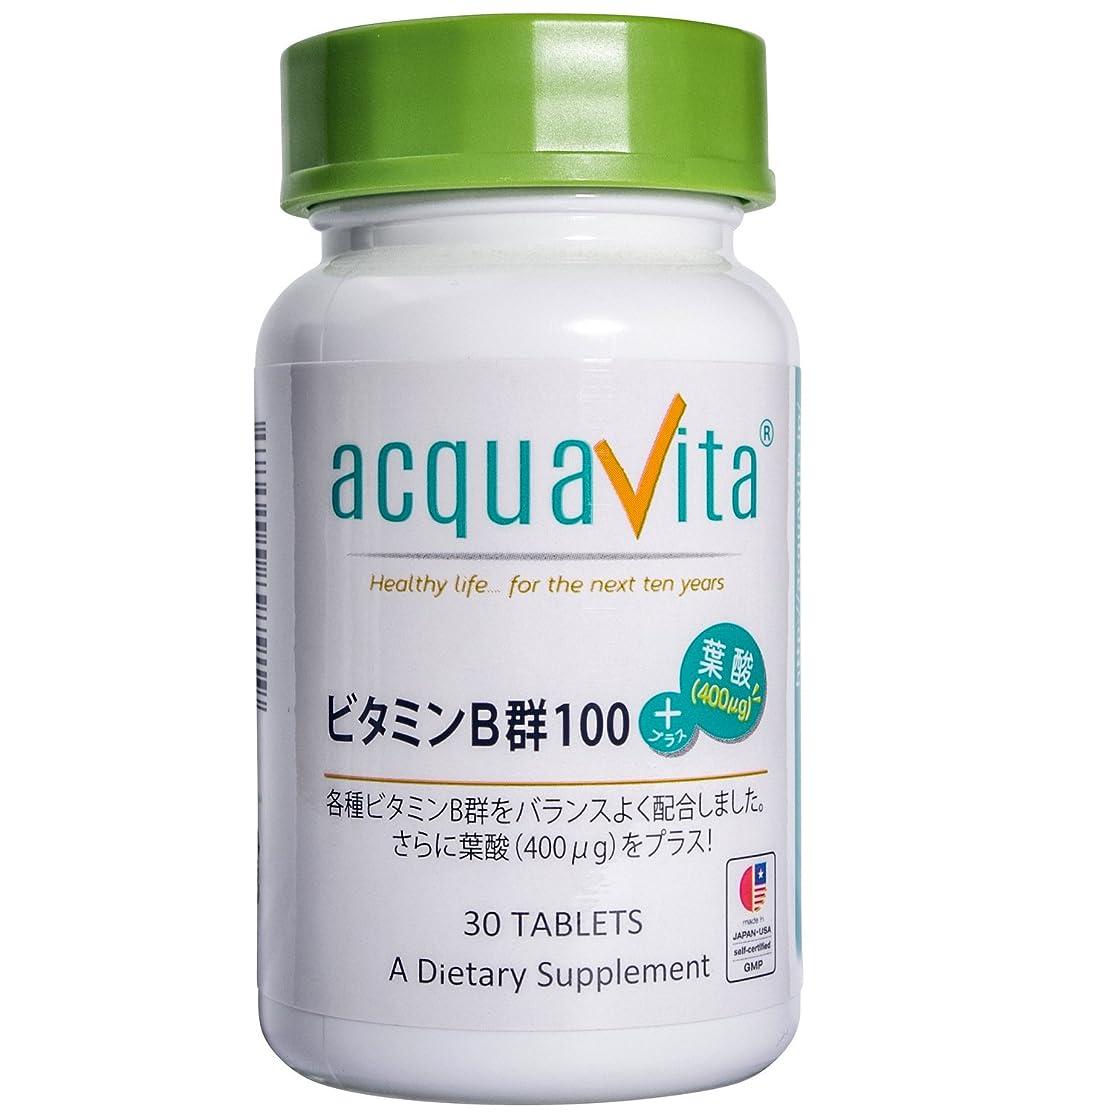 はがき進捗を必要としていますacquavita(アクアヴィータ) ビタミンB群100+葉酸(400μg) 30粒